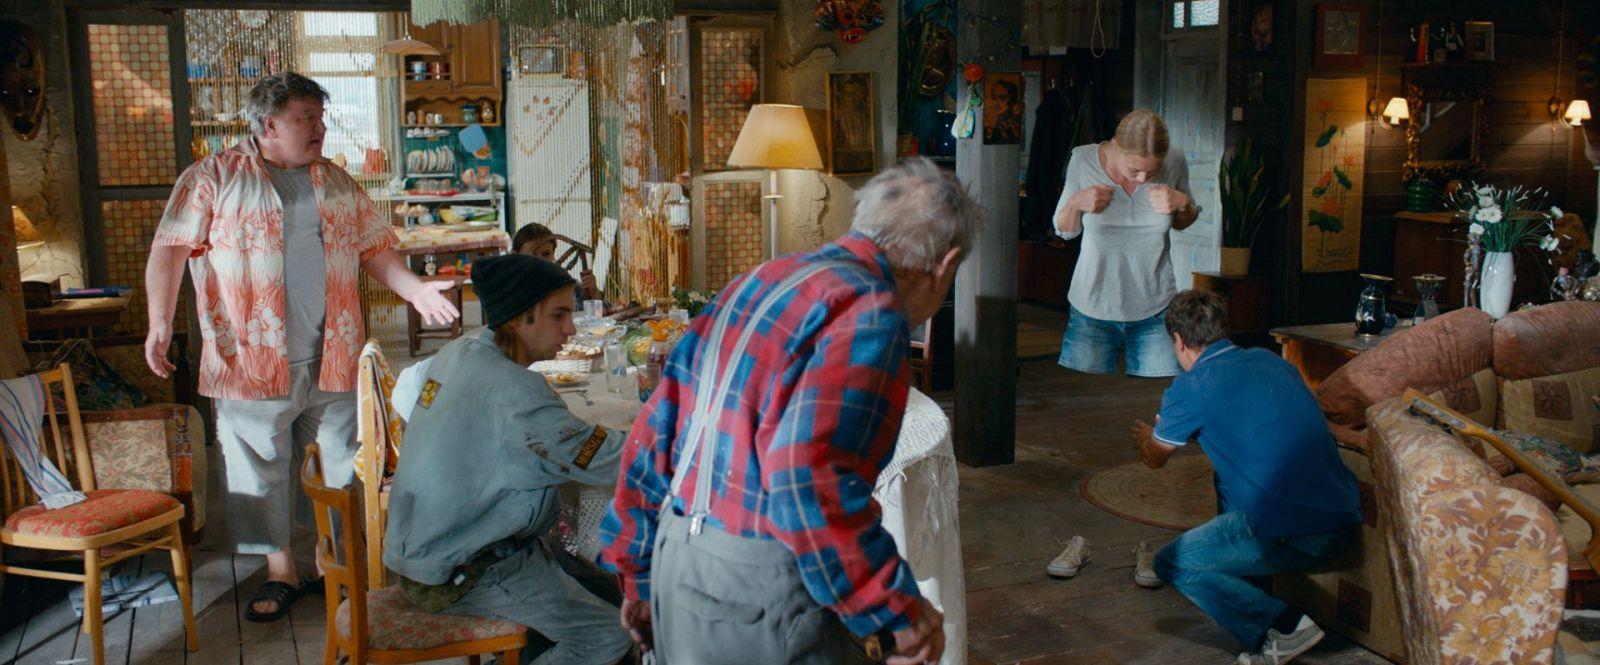 супербобровы супергерои комедия российское кино фильмы рецензии отвратительные мужики